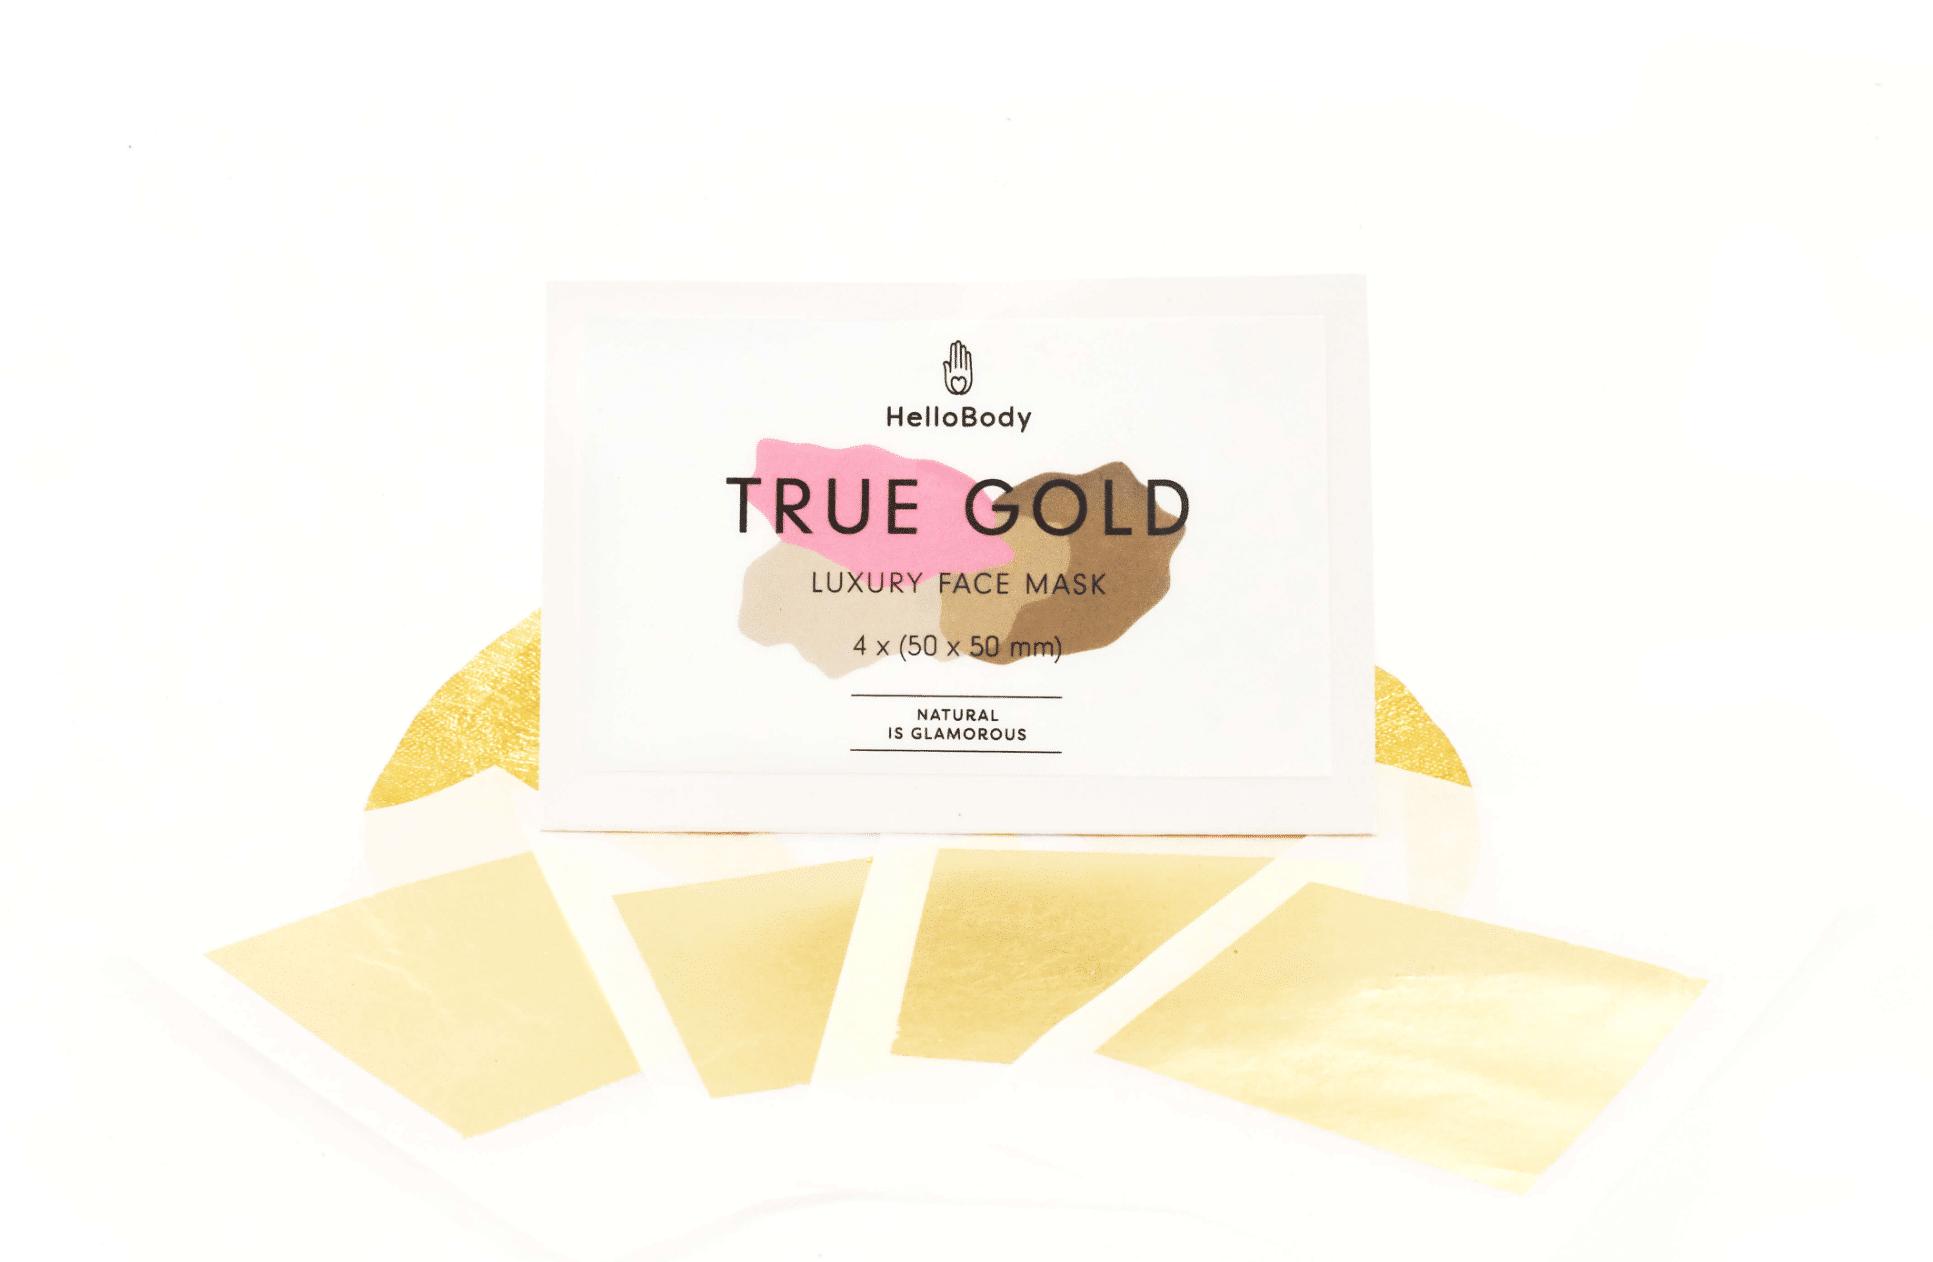 Anti Aging Gesichtsbehandlung mit Gold: Hellobody True Gold Luxury Face Mask Test, Wirkung und Erfahrung